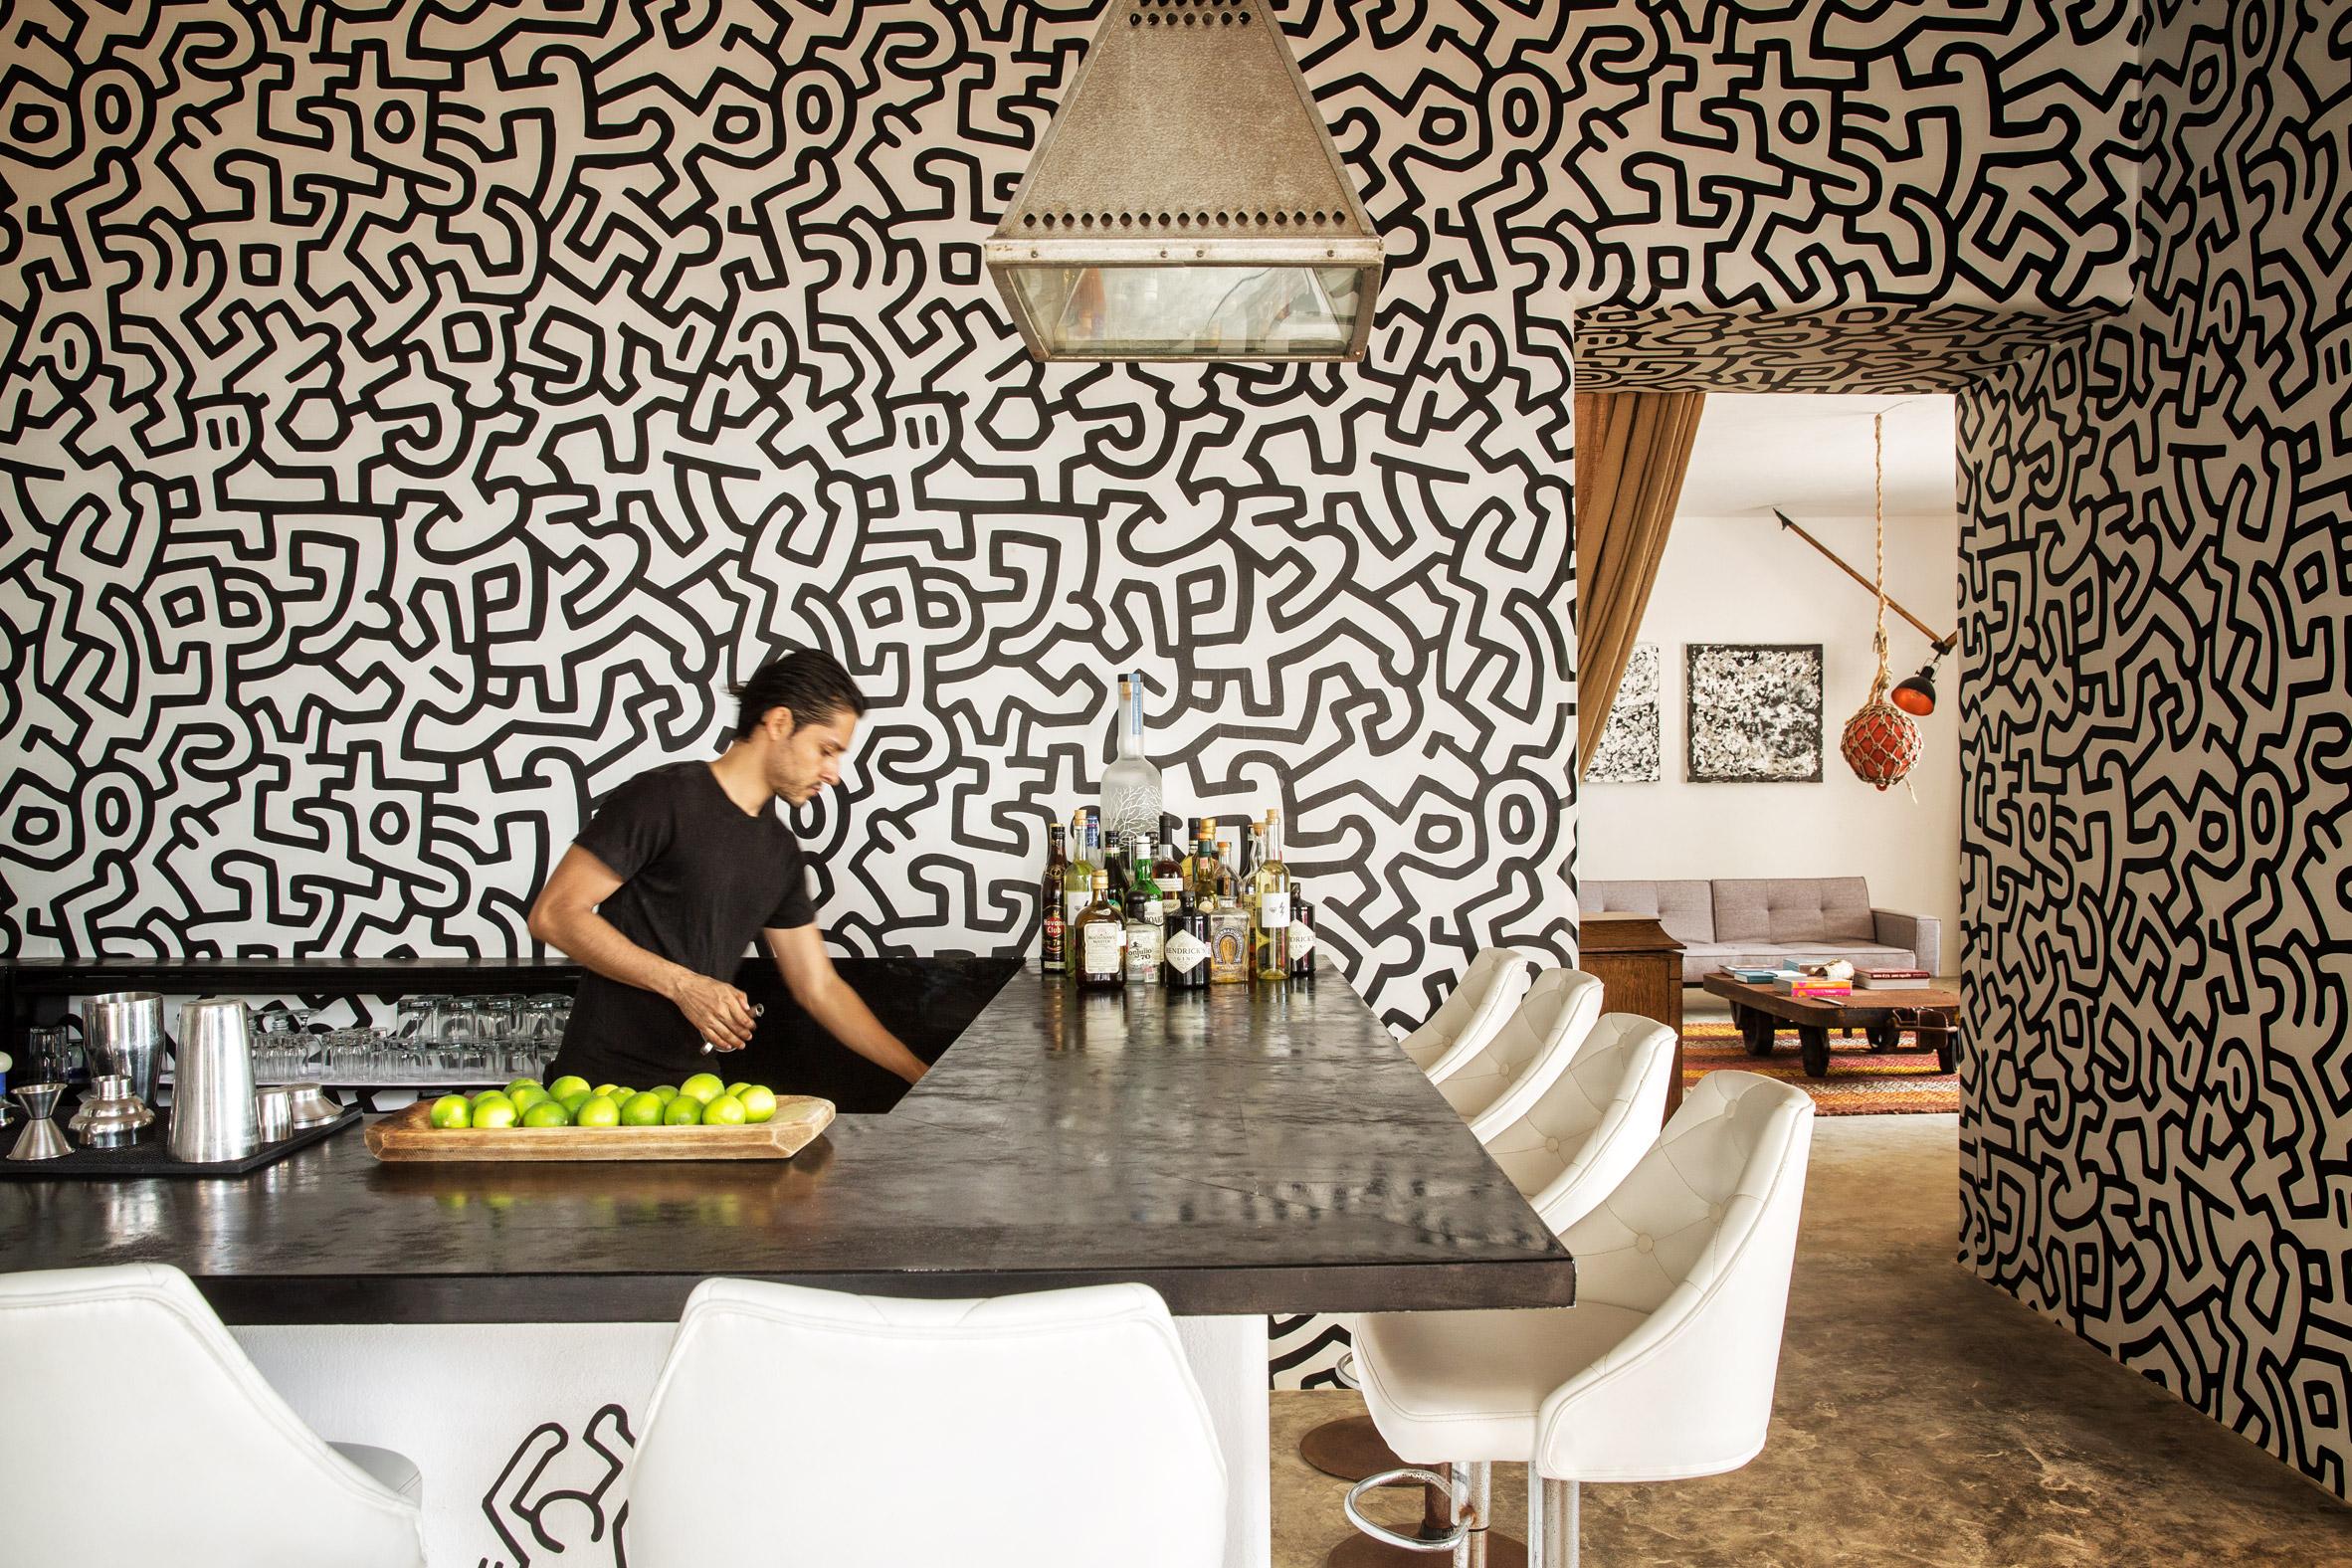 casa-malca-architecture-hotels-mexico_dezeen_2364_col_9